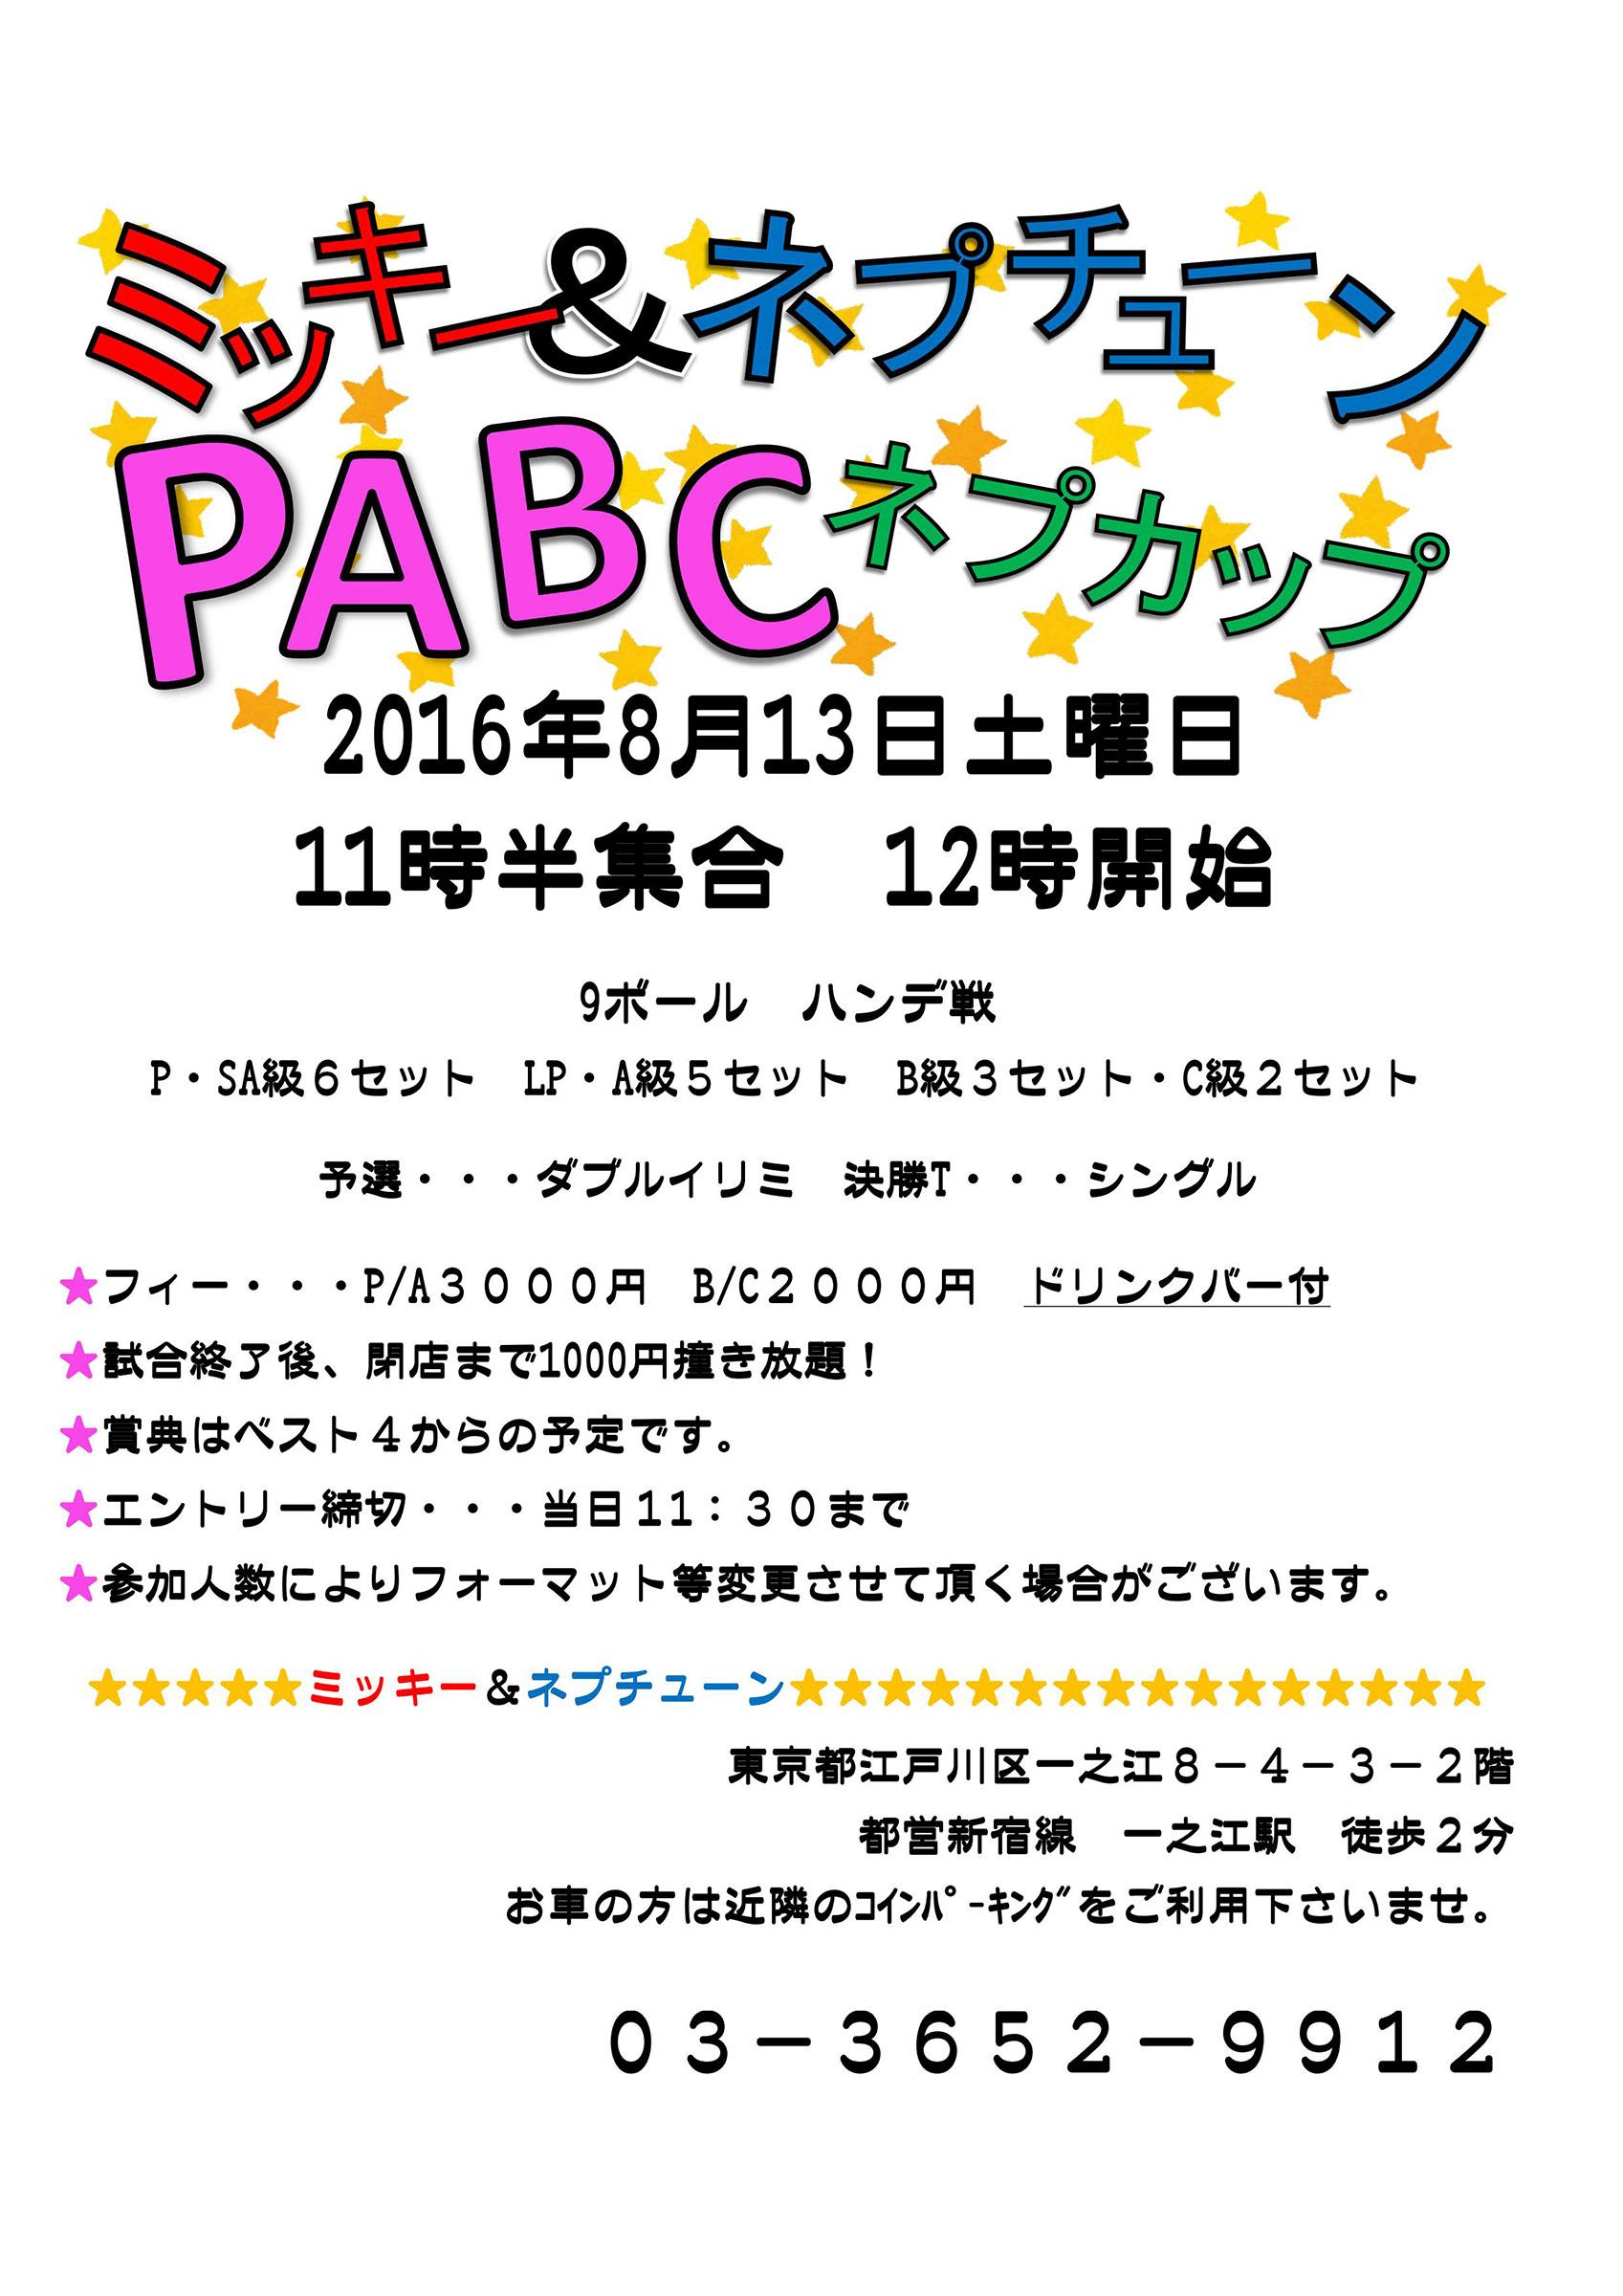 2016PABC_01